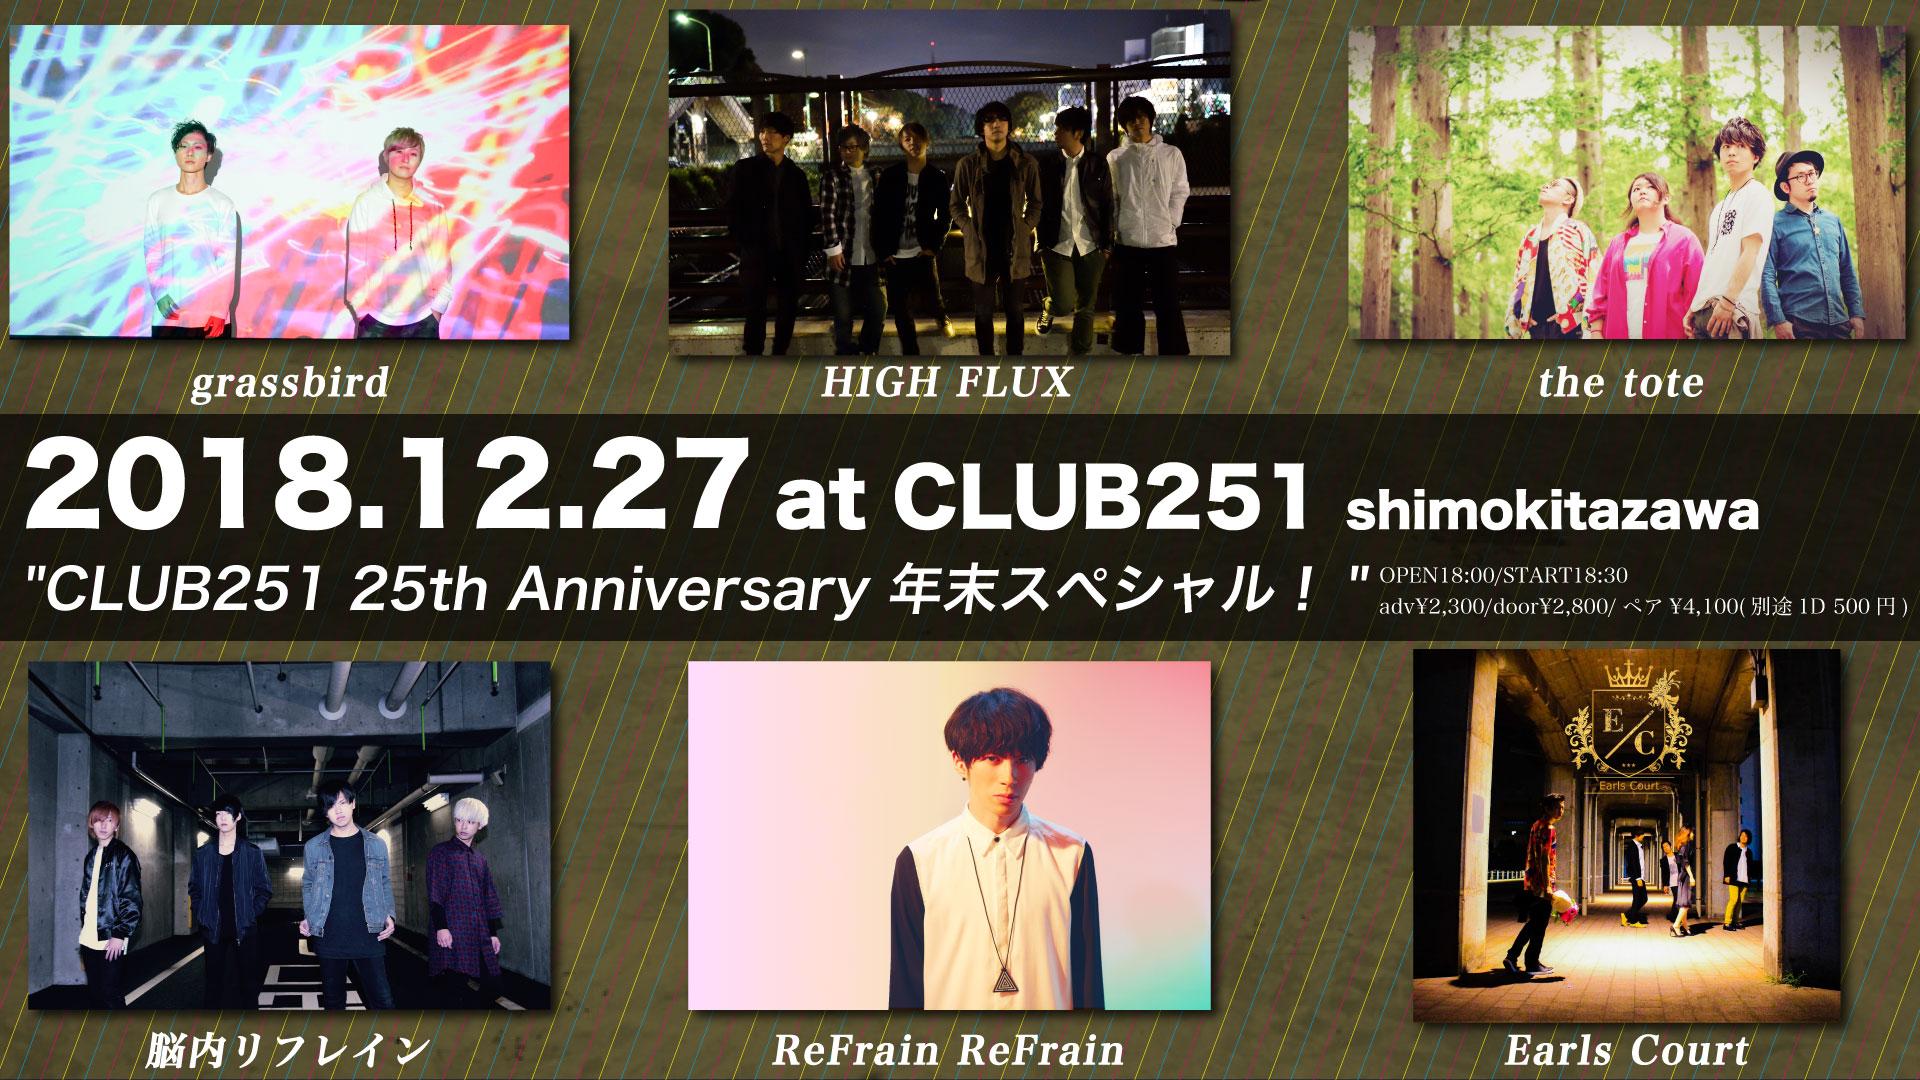 CLUB251 25th Anniversary 年末スペシャル!